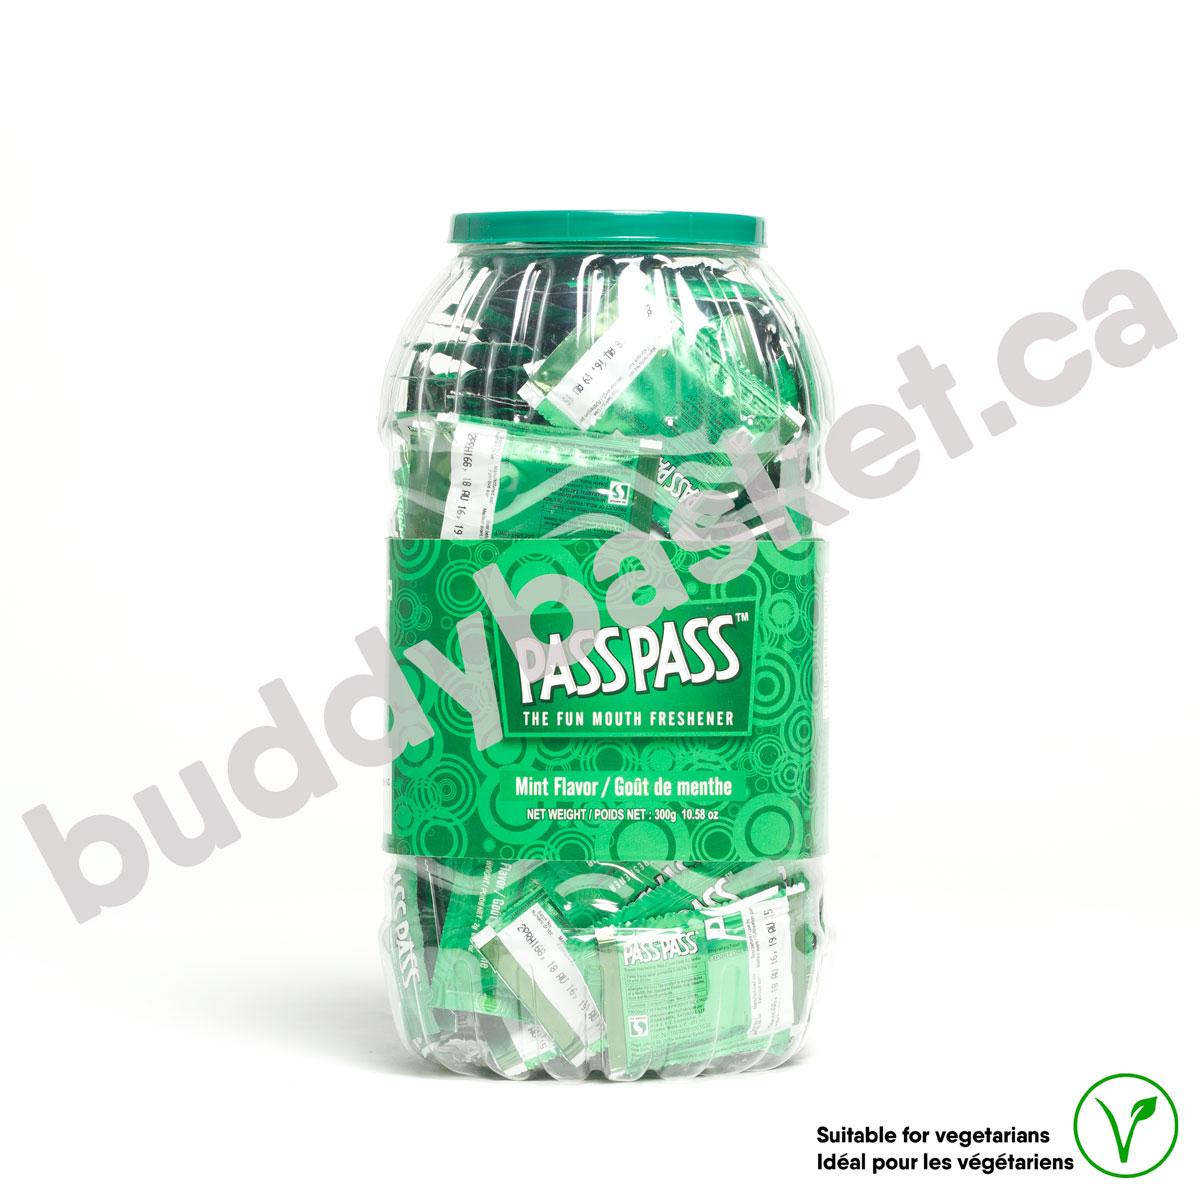 Pass Pass Mint Flavour Jar 270g